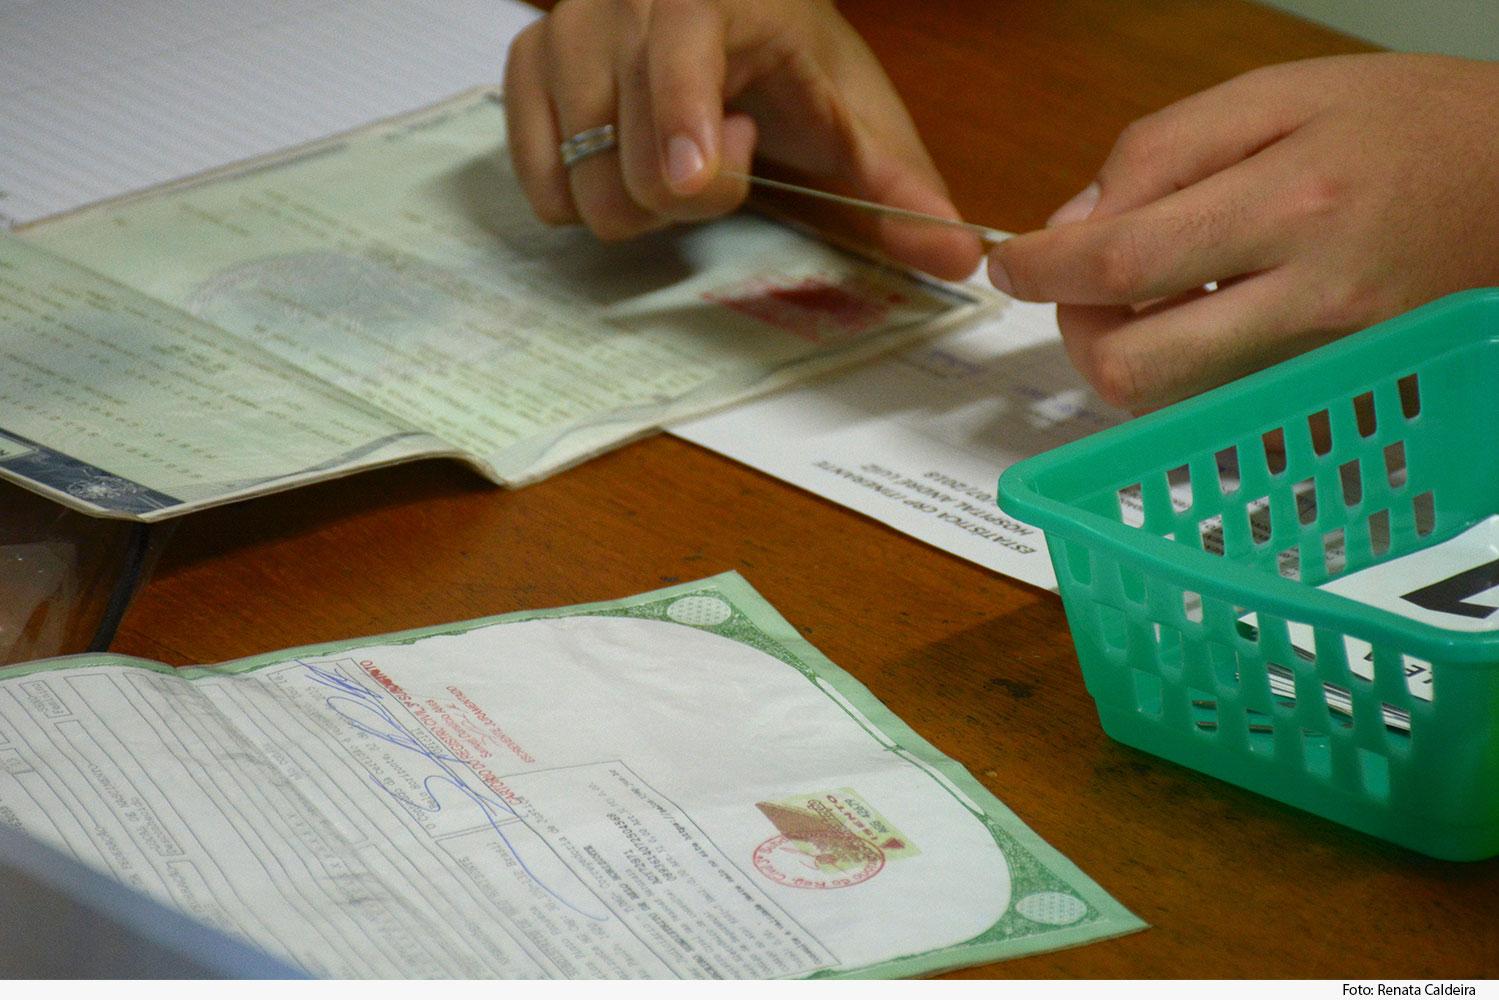 Mão segurando carteira de identidade em cima de mesa com vários documentos e cesto de plástico verde